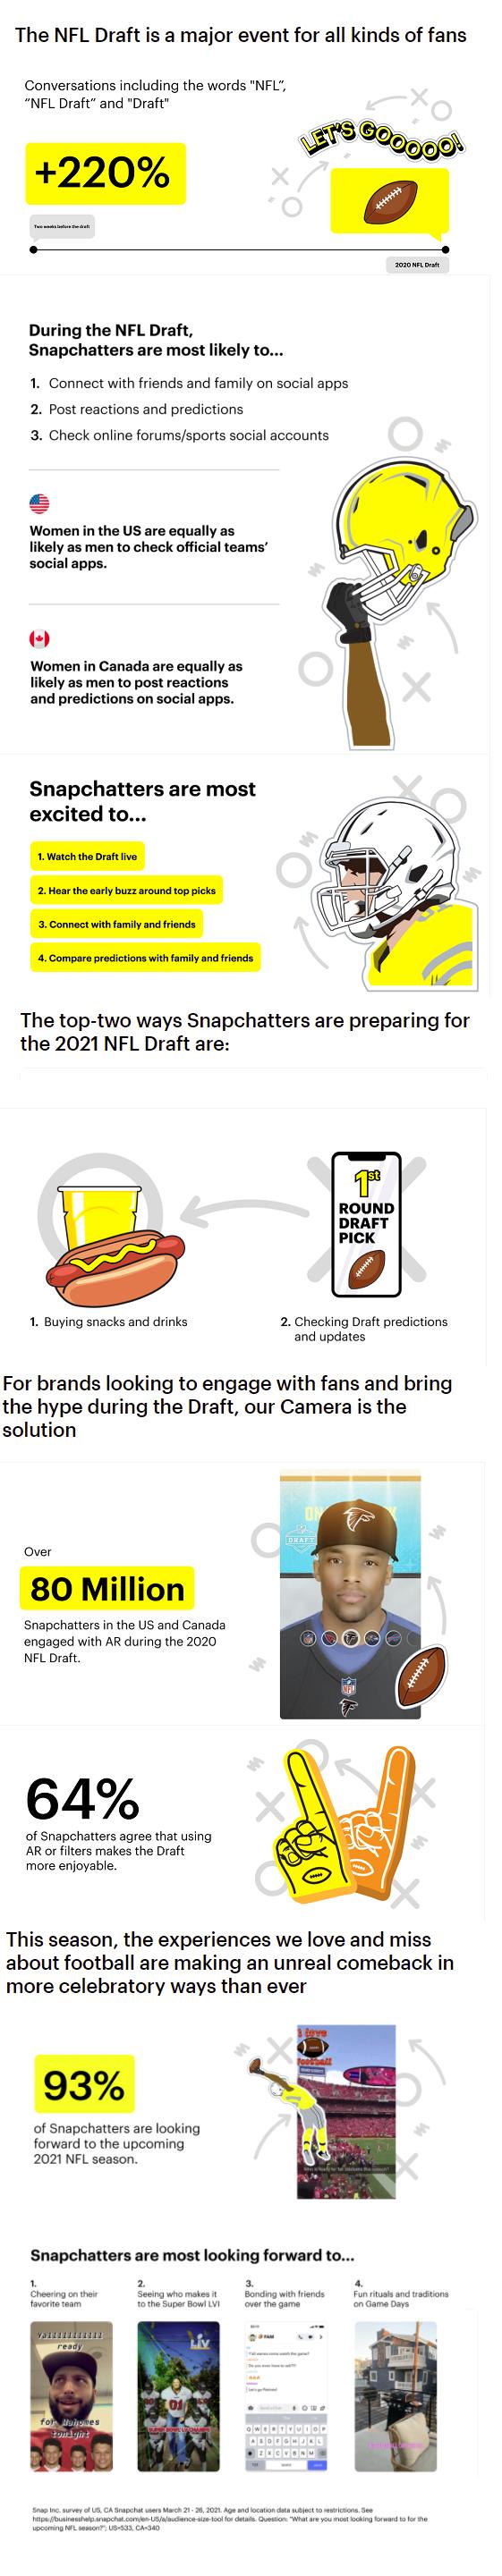 Snapchat NFL Draft stats